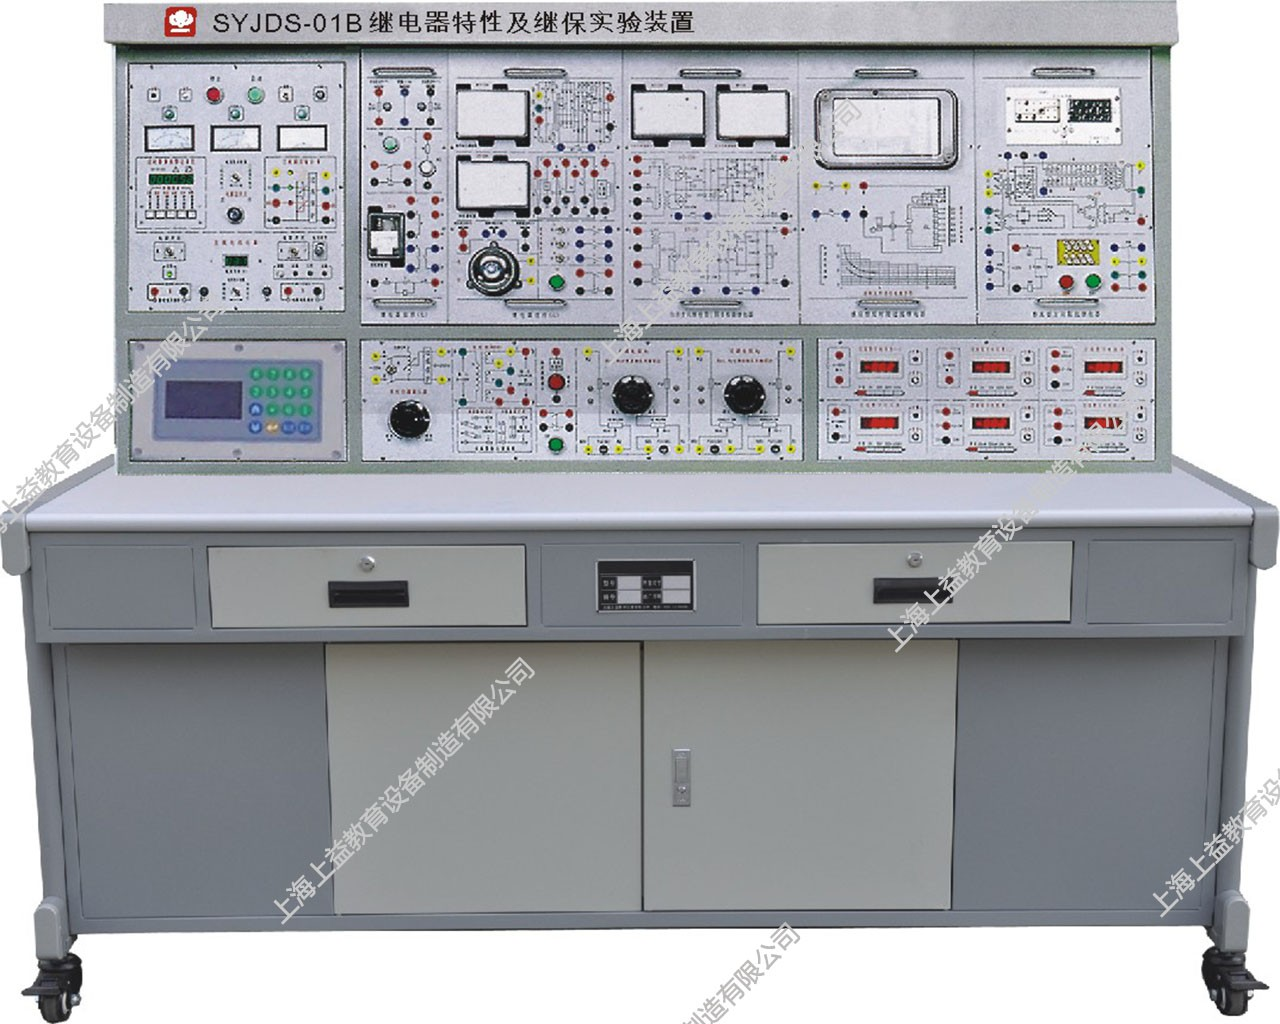 SYJDS-01B 继电器特性及继保实验装置